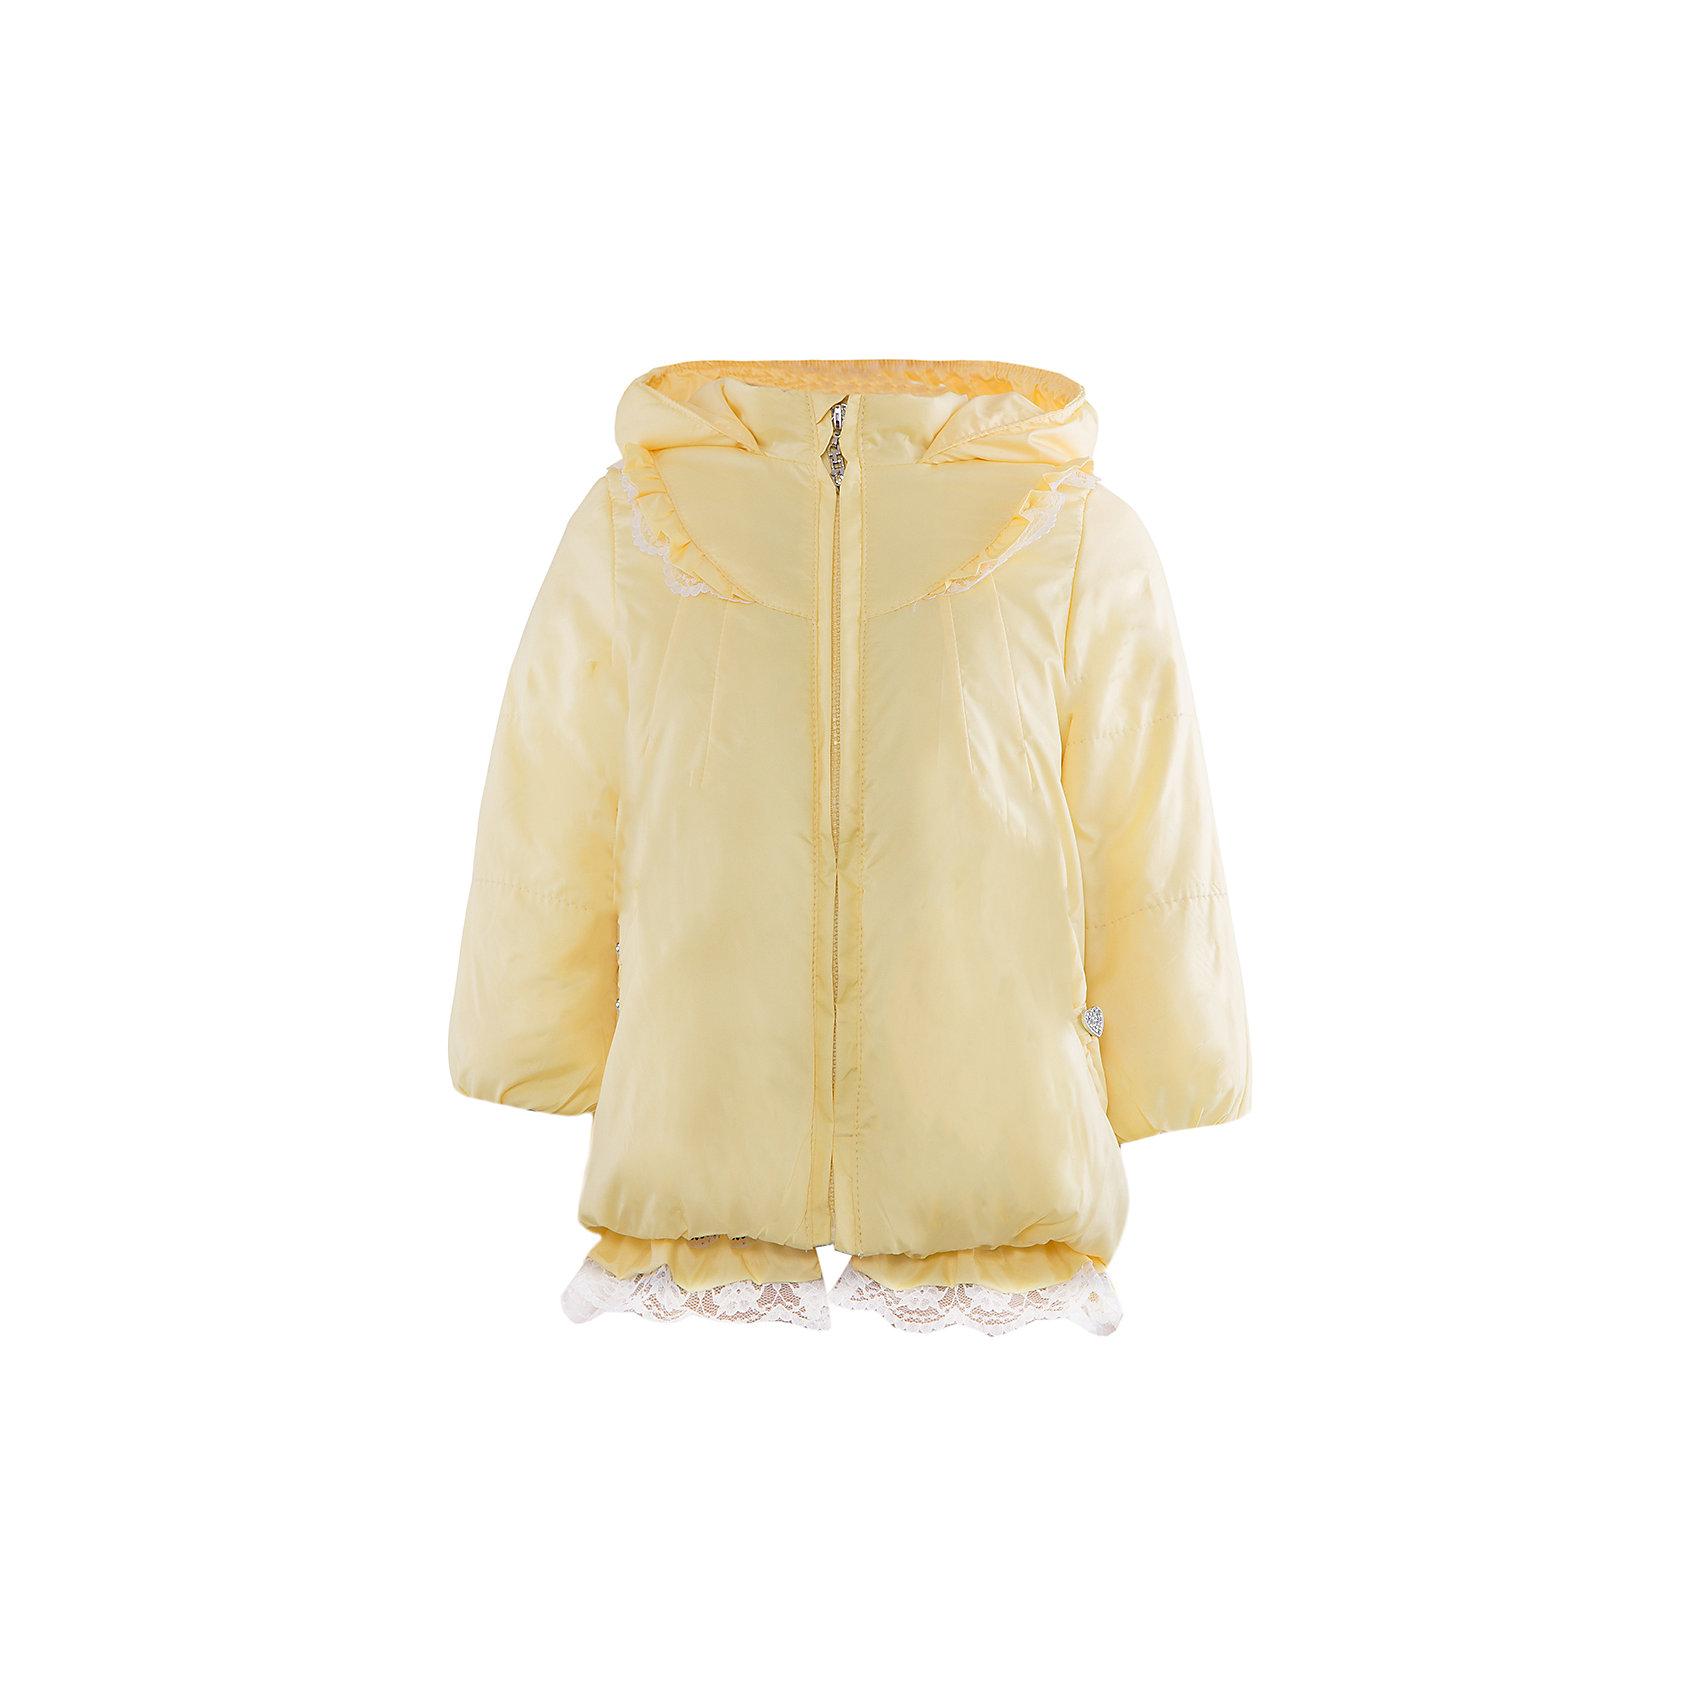 Куртка для девочки АртельКуртка для девочки от торговой марки Артель &#13;<br>&#13;<br>Модная куртка с утеплителем не только греет, она модно смотрится и отлично сидит. Изделие выполнено из качественных материалов, имеет удобные карманы и капюшон. Отличный вариант для переменной погоды межсезонья!&#13;<br>Одежда от бренда Артель – это высокое качество по приемлемой цене и всегда продуманный дизайн. &#13;<br>&#13;<br>Особенности модели: &#13;<br>- цвет - лимонный;&#13;<br>- наличие карманов;&#13;<br>- наличие капюшона;&#13;<br>- утеплитель;&#13;<br>- отделка рюшами и кружевом;&#13;<br>- застежка-молния.&#13;<br>&#13;<br>Дополнительная информация:&#13;<br>&#13;<br>Состав: &#13;<br>- верх: YSD;&#13;<br>- подкладка: хлопок интерлок;&#13;<br>- утеплитель: термофайбер 100 г.&#13;<br>&#13;<br>Температурный режим: &#13;<br>от - 10 °C до + 10 °C&#13;<br>&#13;<br>Куртку для девочки Артель (Artel) можно купить в нашем магазине.<br><br>Ширина мм: 356<br>Глубина мм: 10<br>Высота мм: 245<br>Вес г: 519<br>Цвет: желтый<br>Возраст от месяцев: 12<br>Возраст до месяцев: 18<br>Пол: Женский<br>Возраст: Детский<br>Размер: 86,80,98,92<br>SKU: 4496031